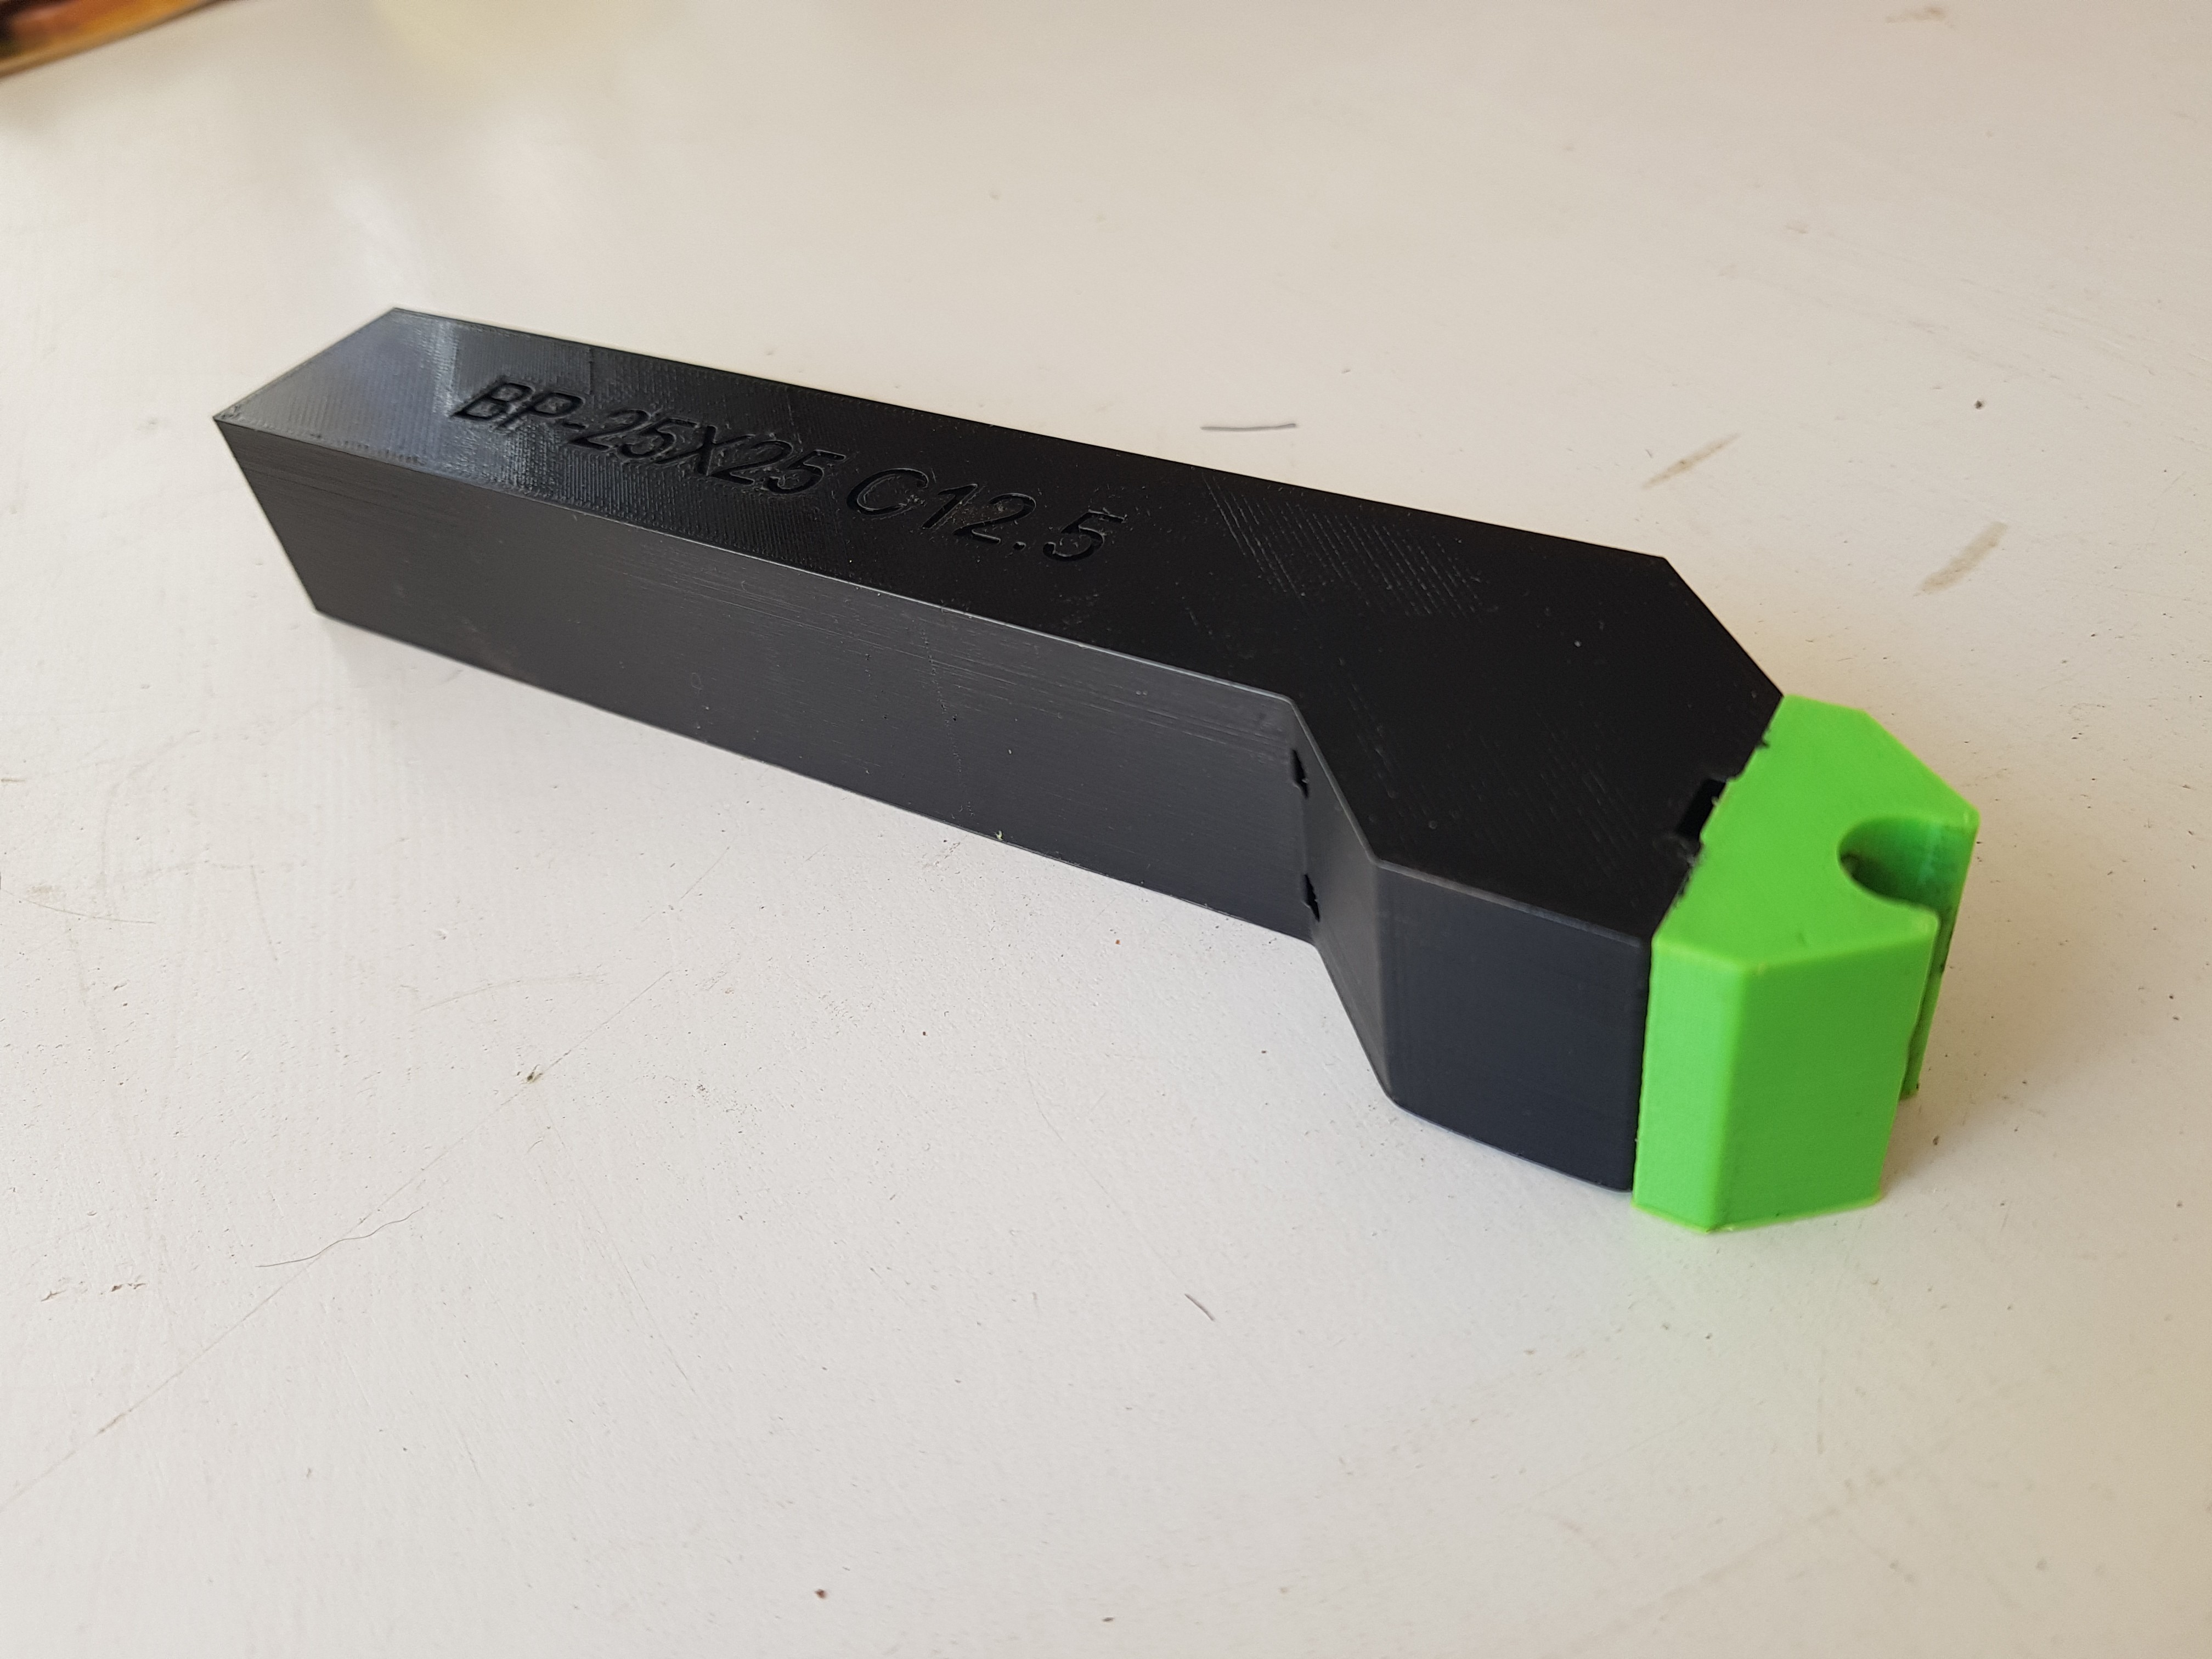 20180909_111239.jpg Download STL file Bar Puller • 3D printing object, Kraai147